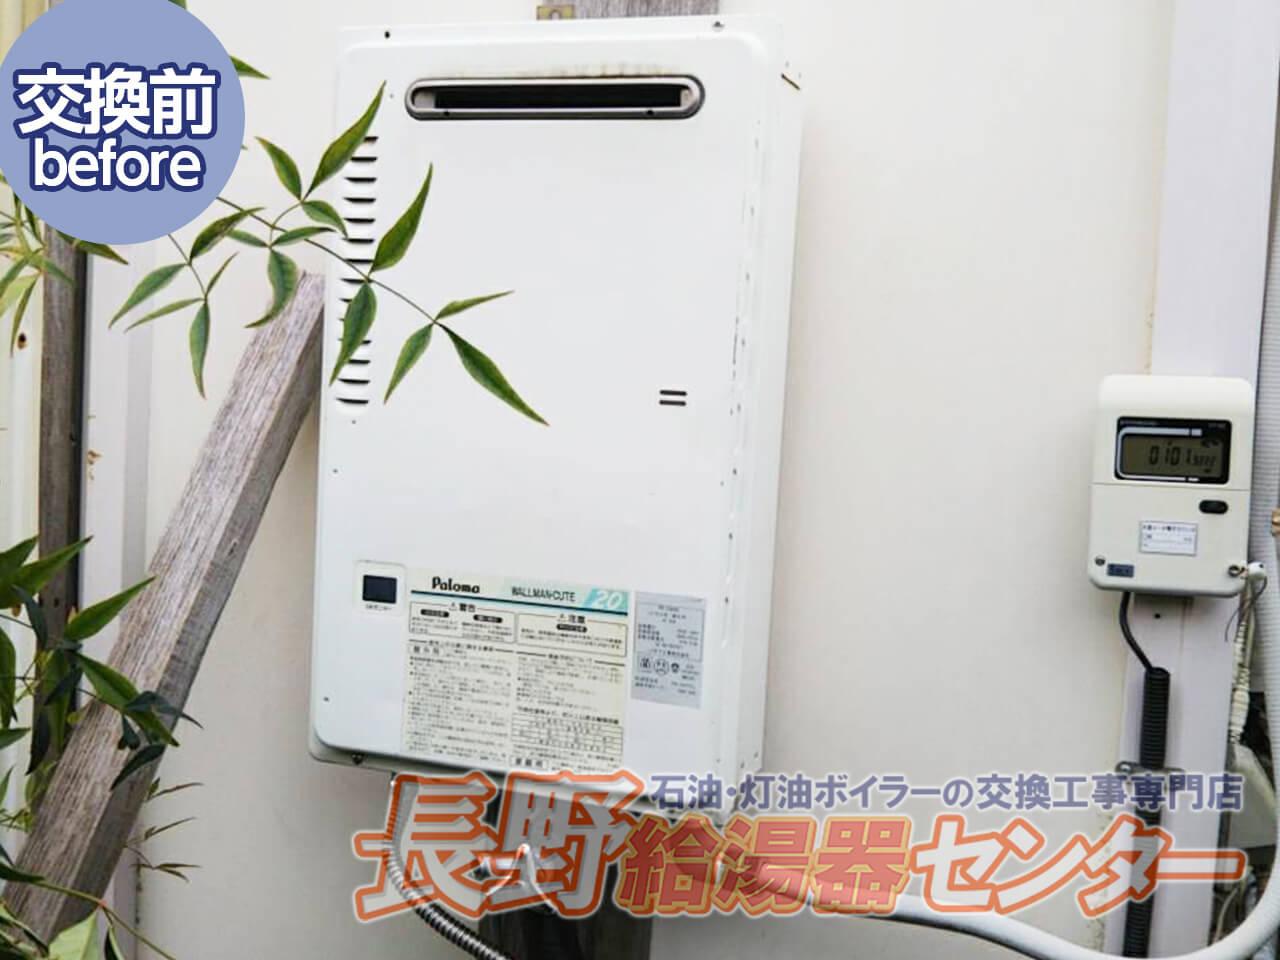 佐久市 パロマPH-20KWQからノーリツGQ-2039WSへ交換工事